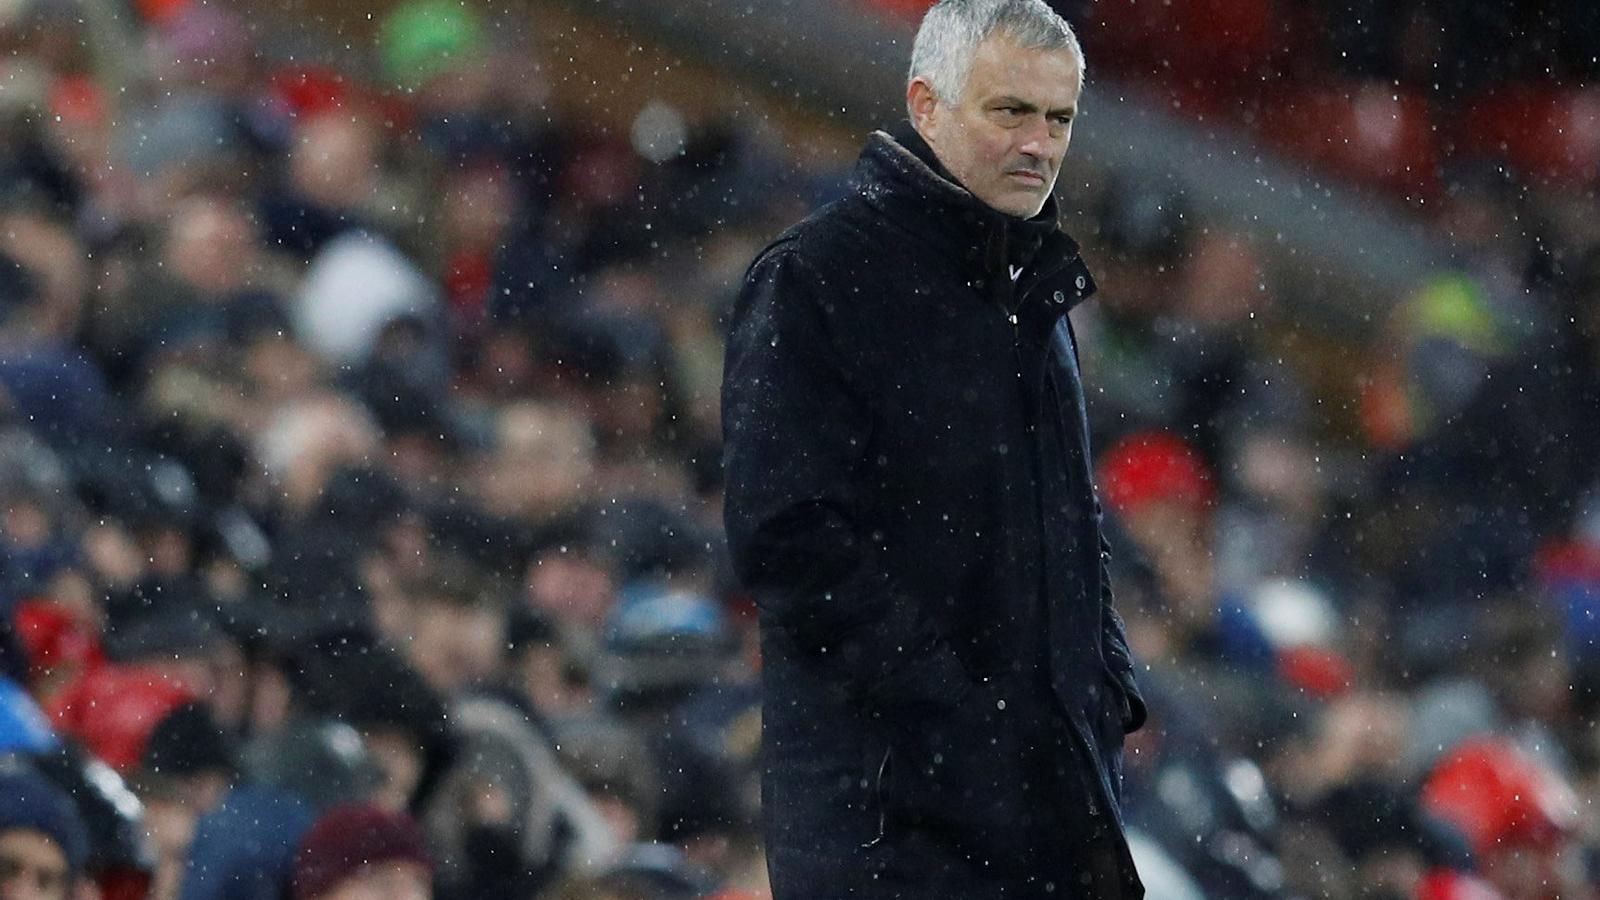 El Liverpool escombra el Manchester United de Mourinho (3-1)